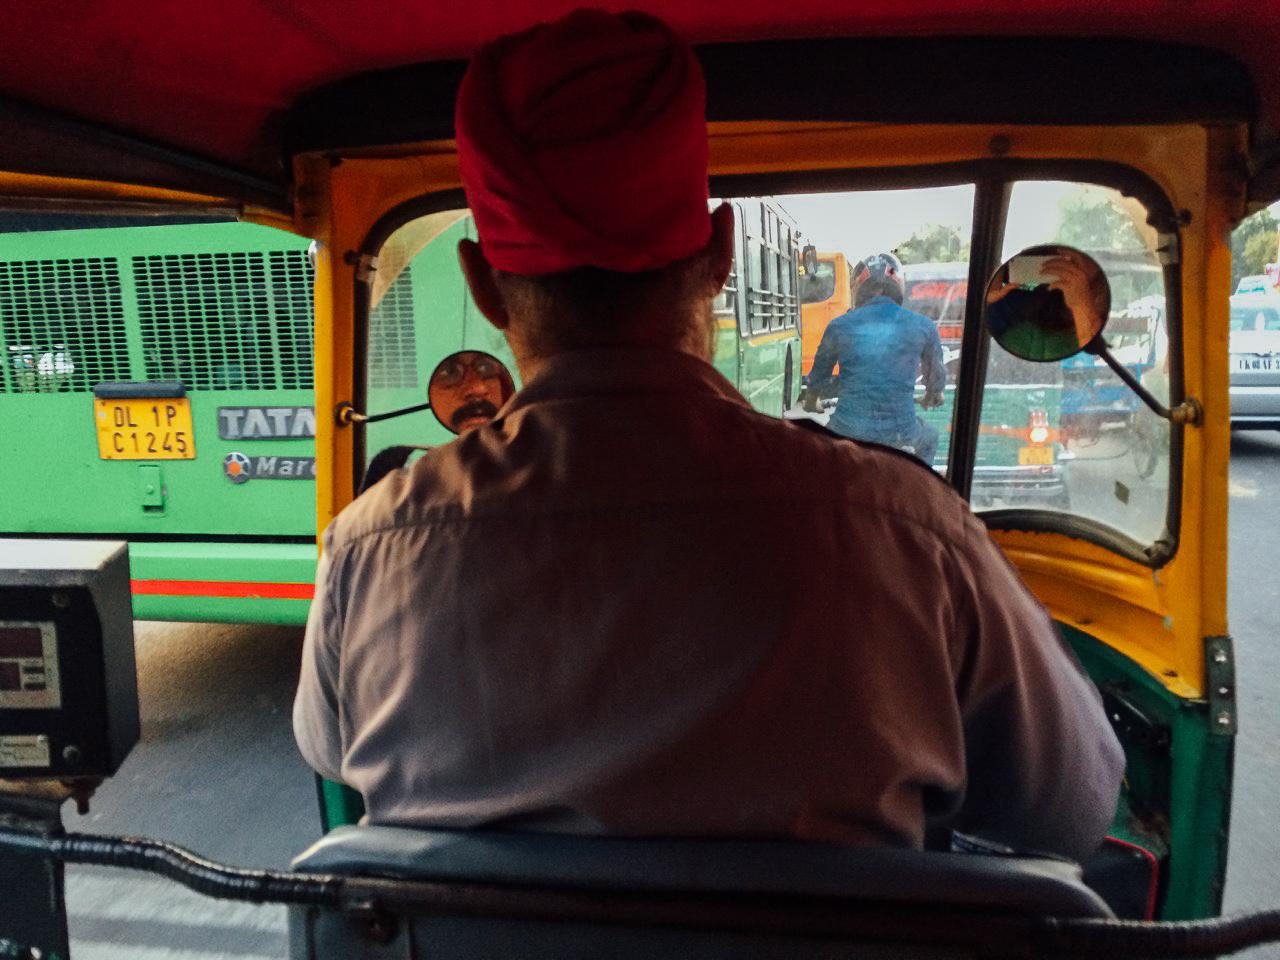 Путешествие по Индии: Едем на рикше до другого автобусного терминала, Дели